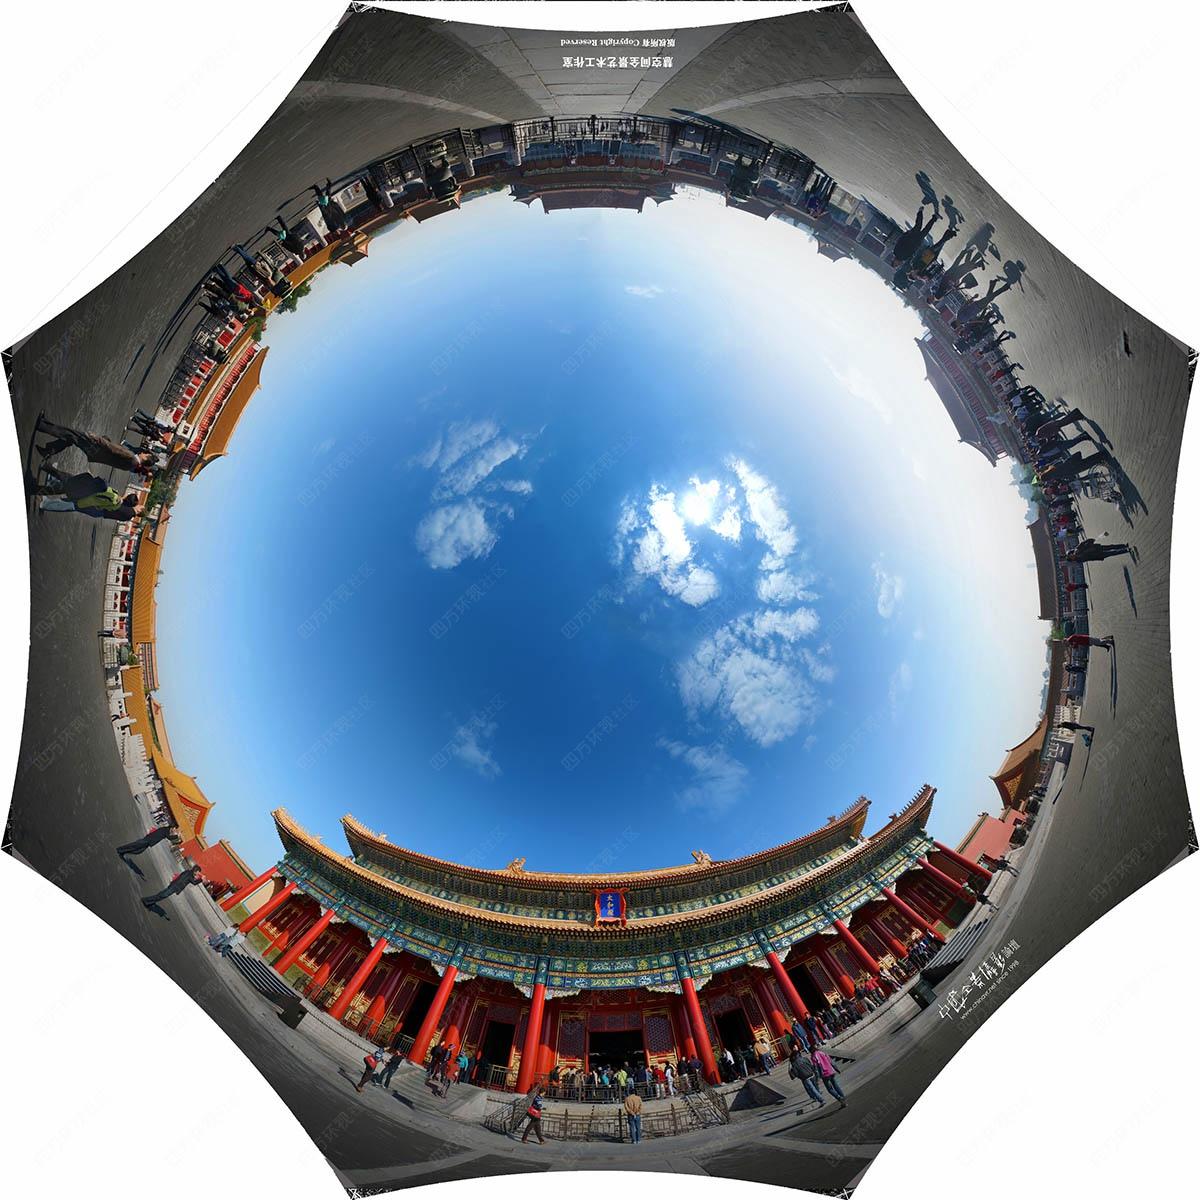 全景伞:故宫太和殿1200.jpg